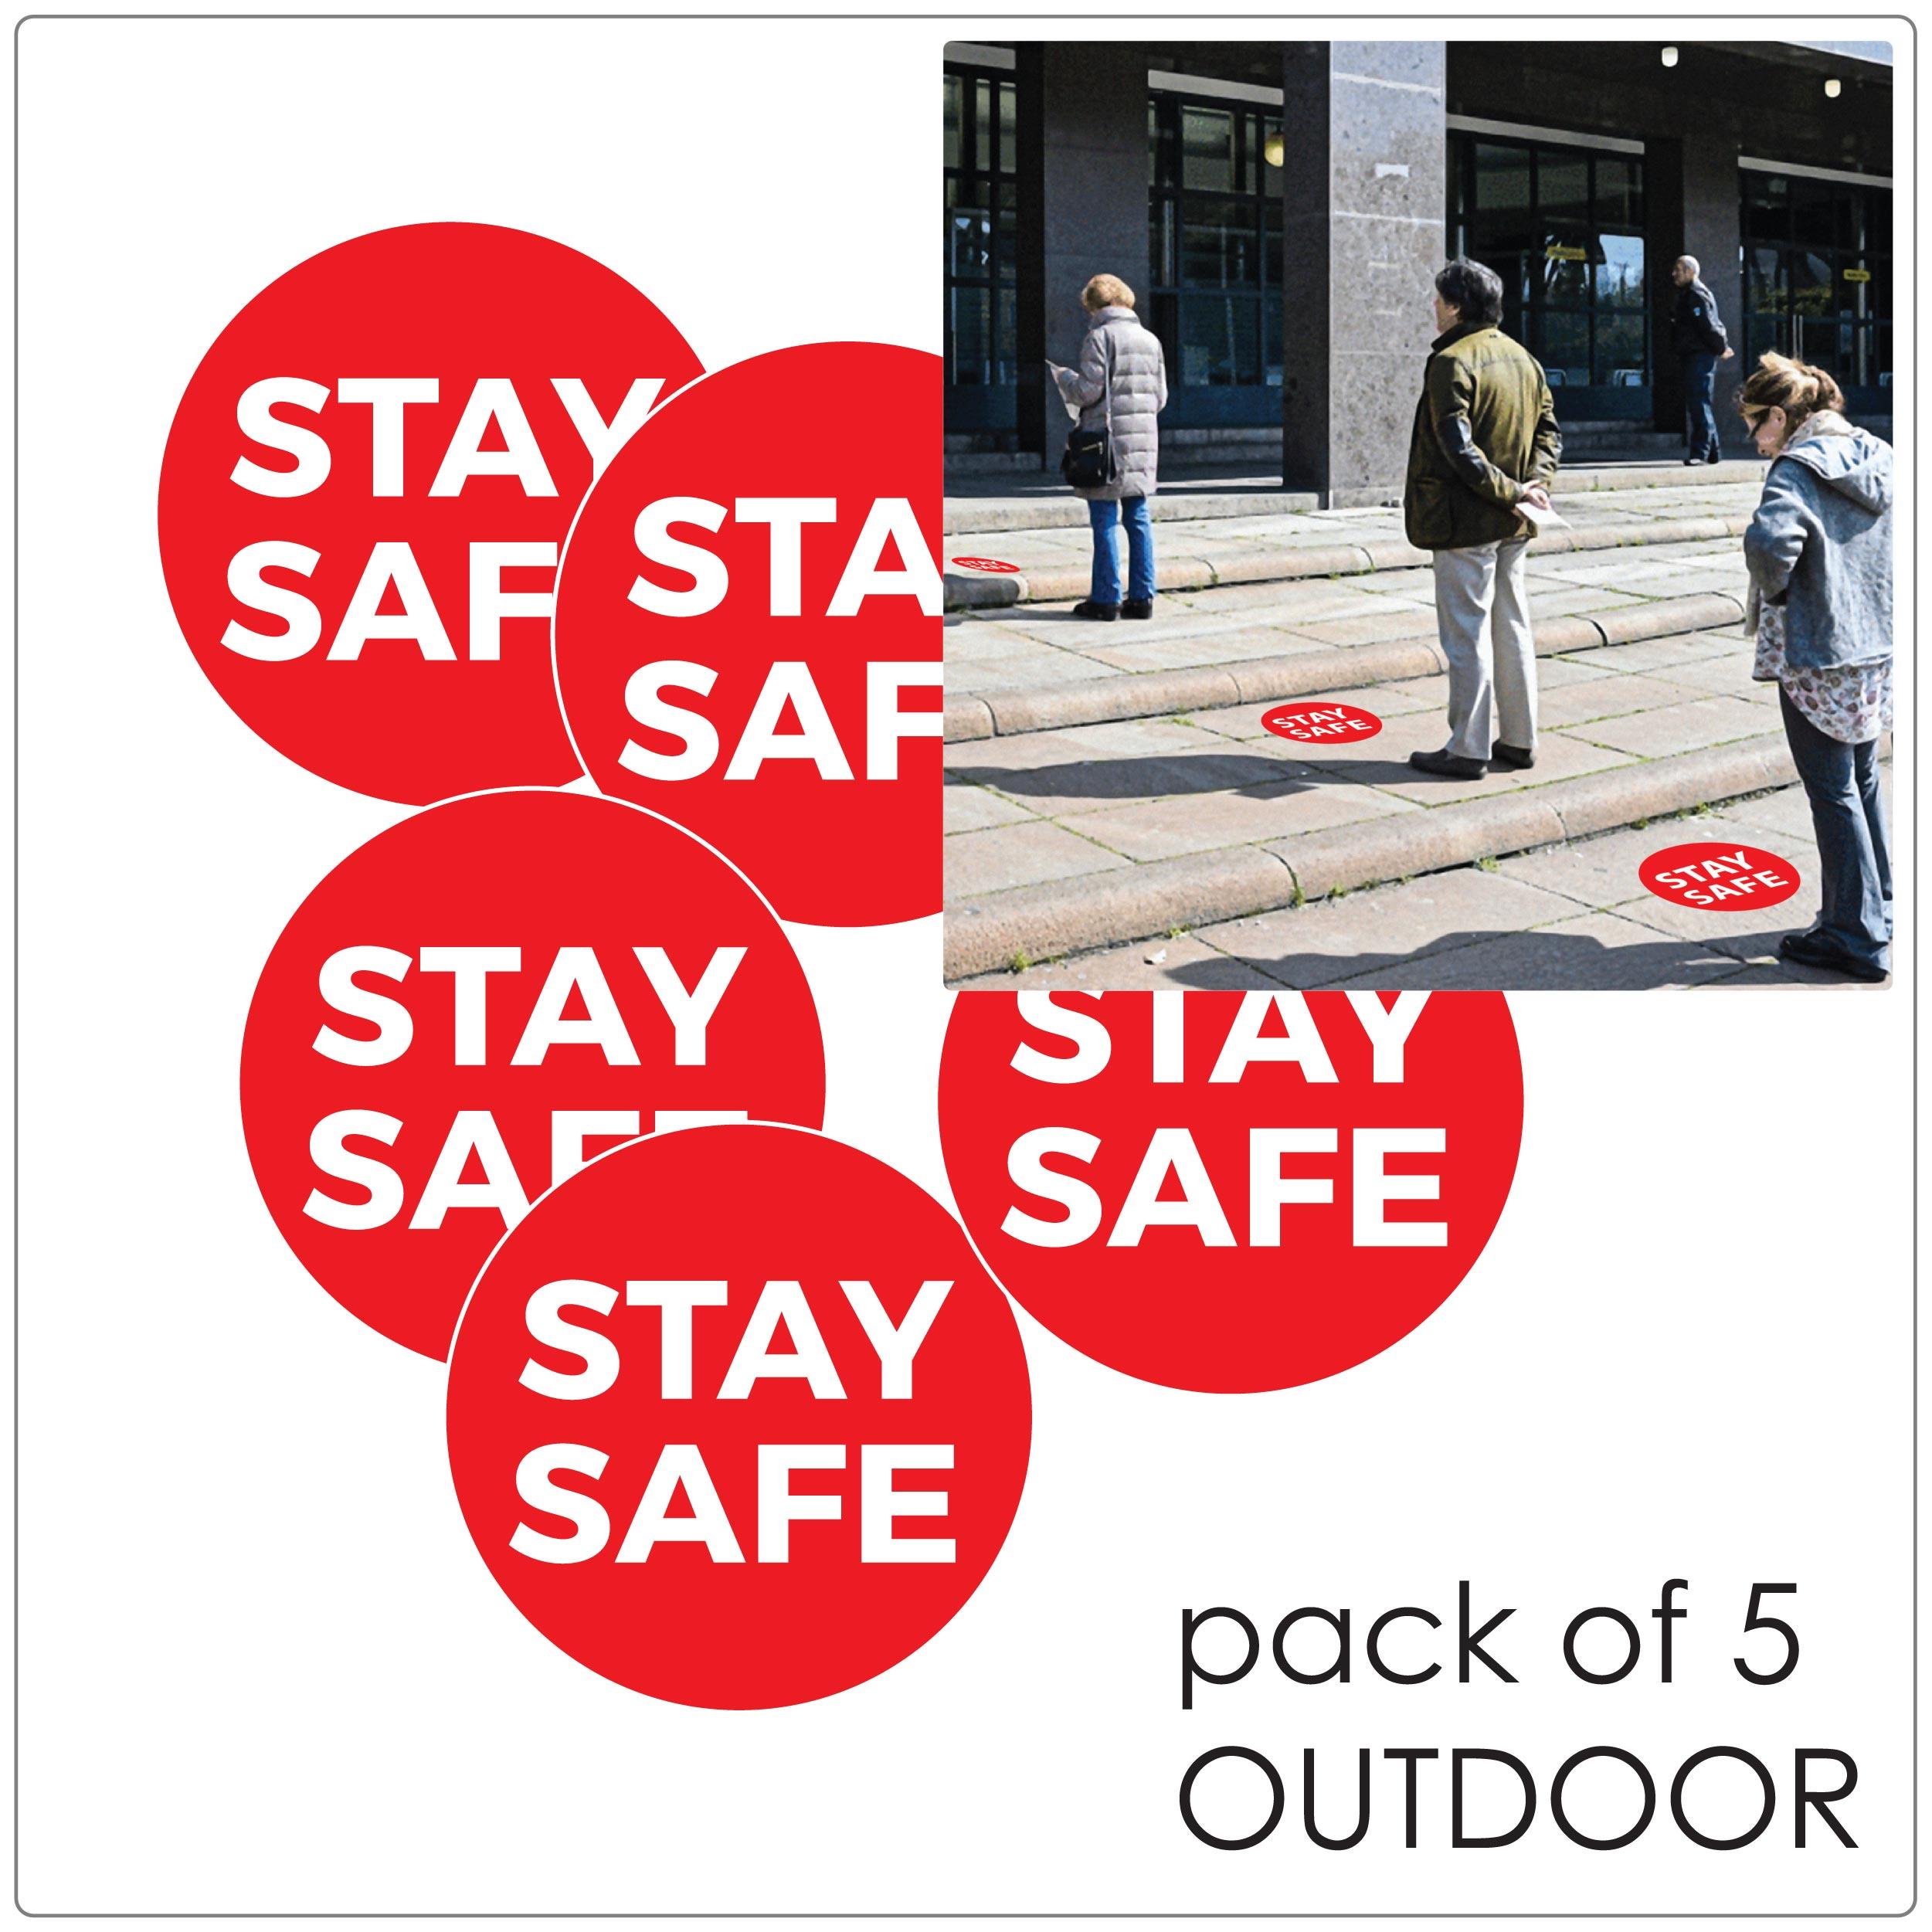 COVID-19 social distancing outdoor floor sticker